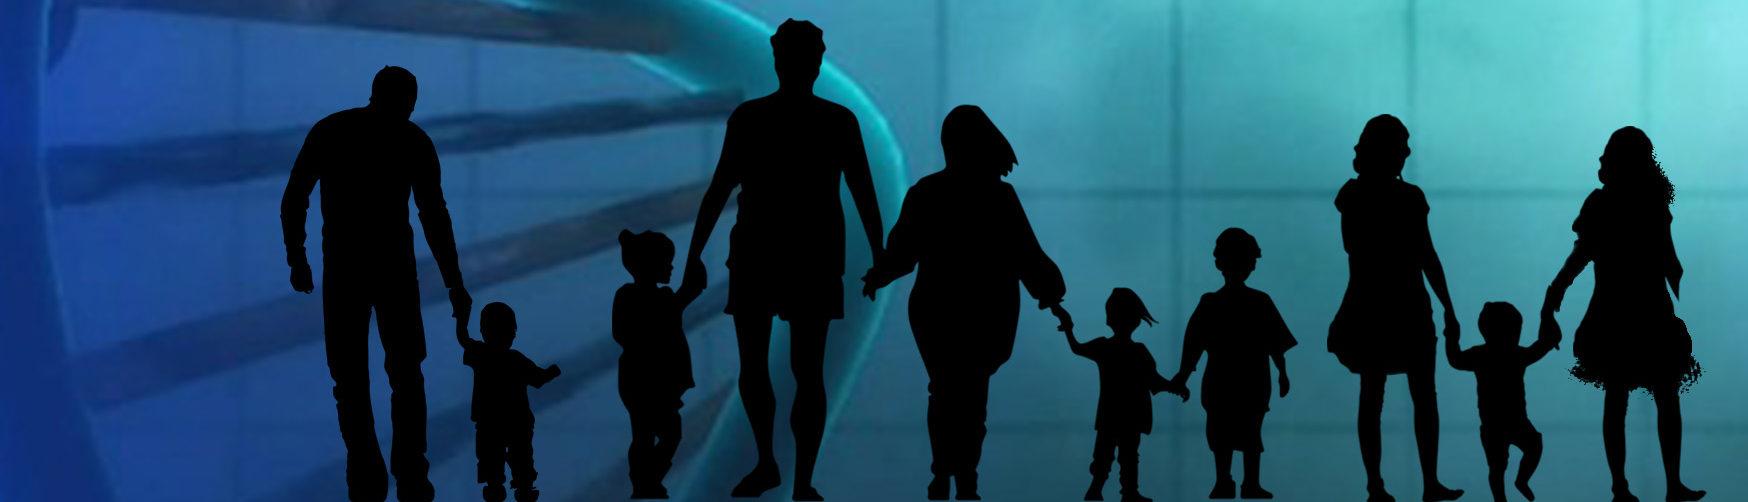 3ο Διεθνές Θερινό Σχολείο Ιατρικού Δικαίου και Βιοηθικής με θέμα: «Υποβοηθούμενη αναπαραγωγή και εναλλακτικά οικογενειακά σχήματα»